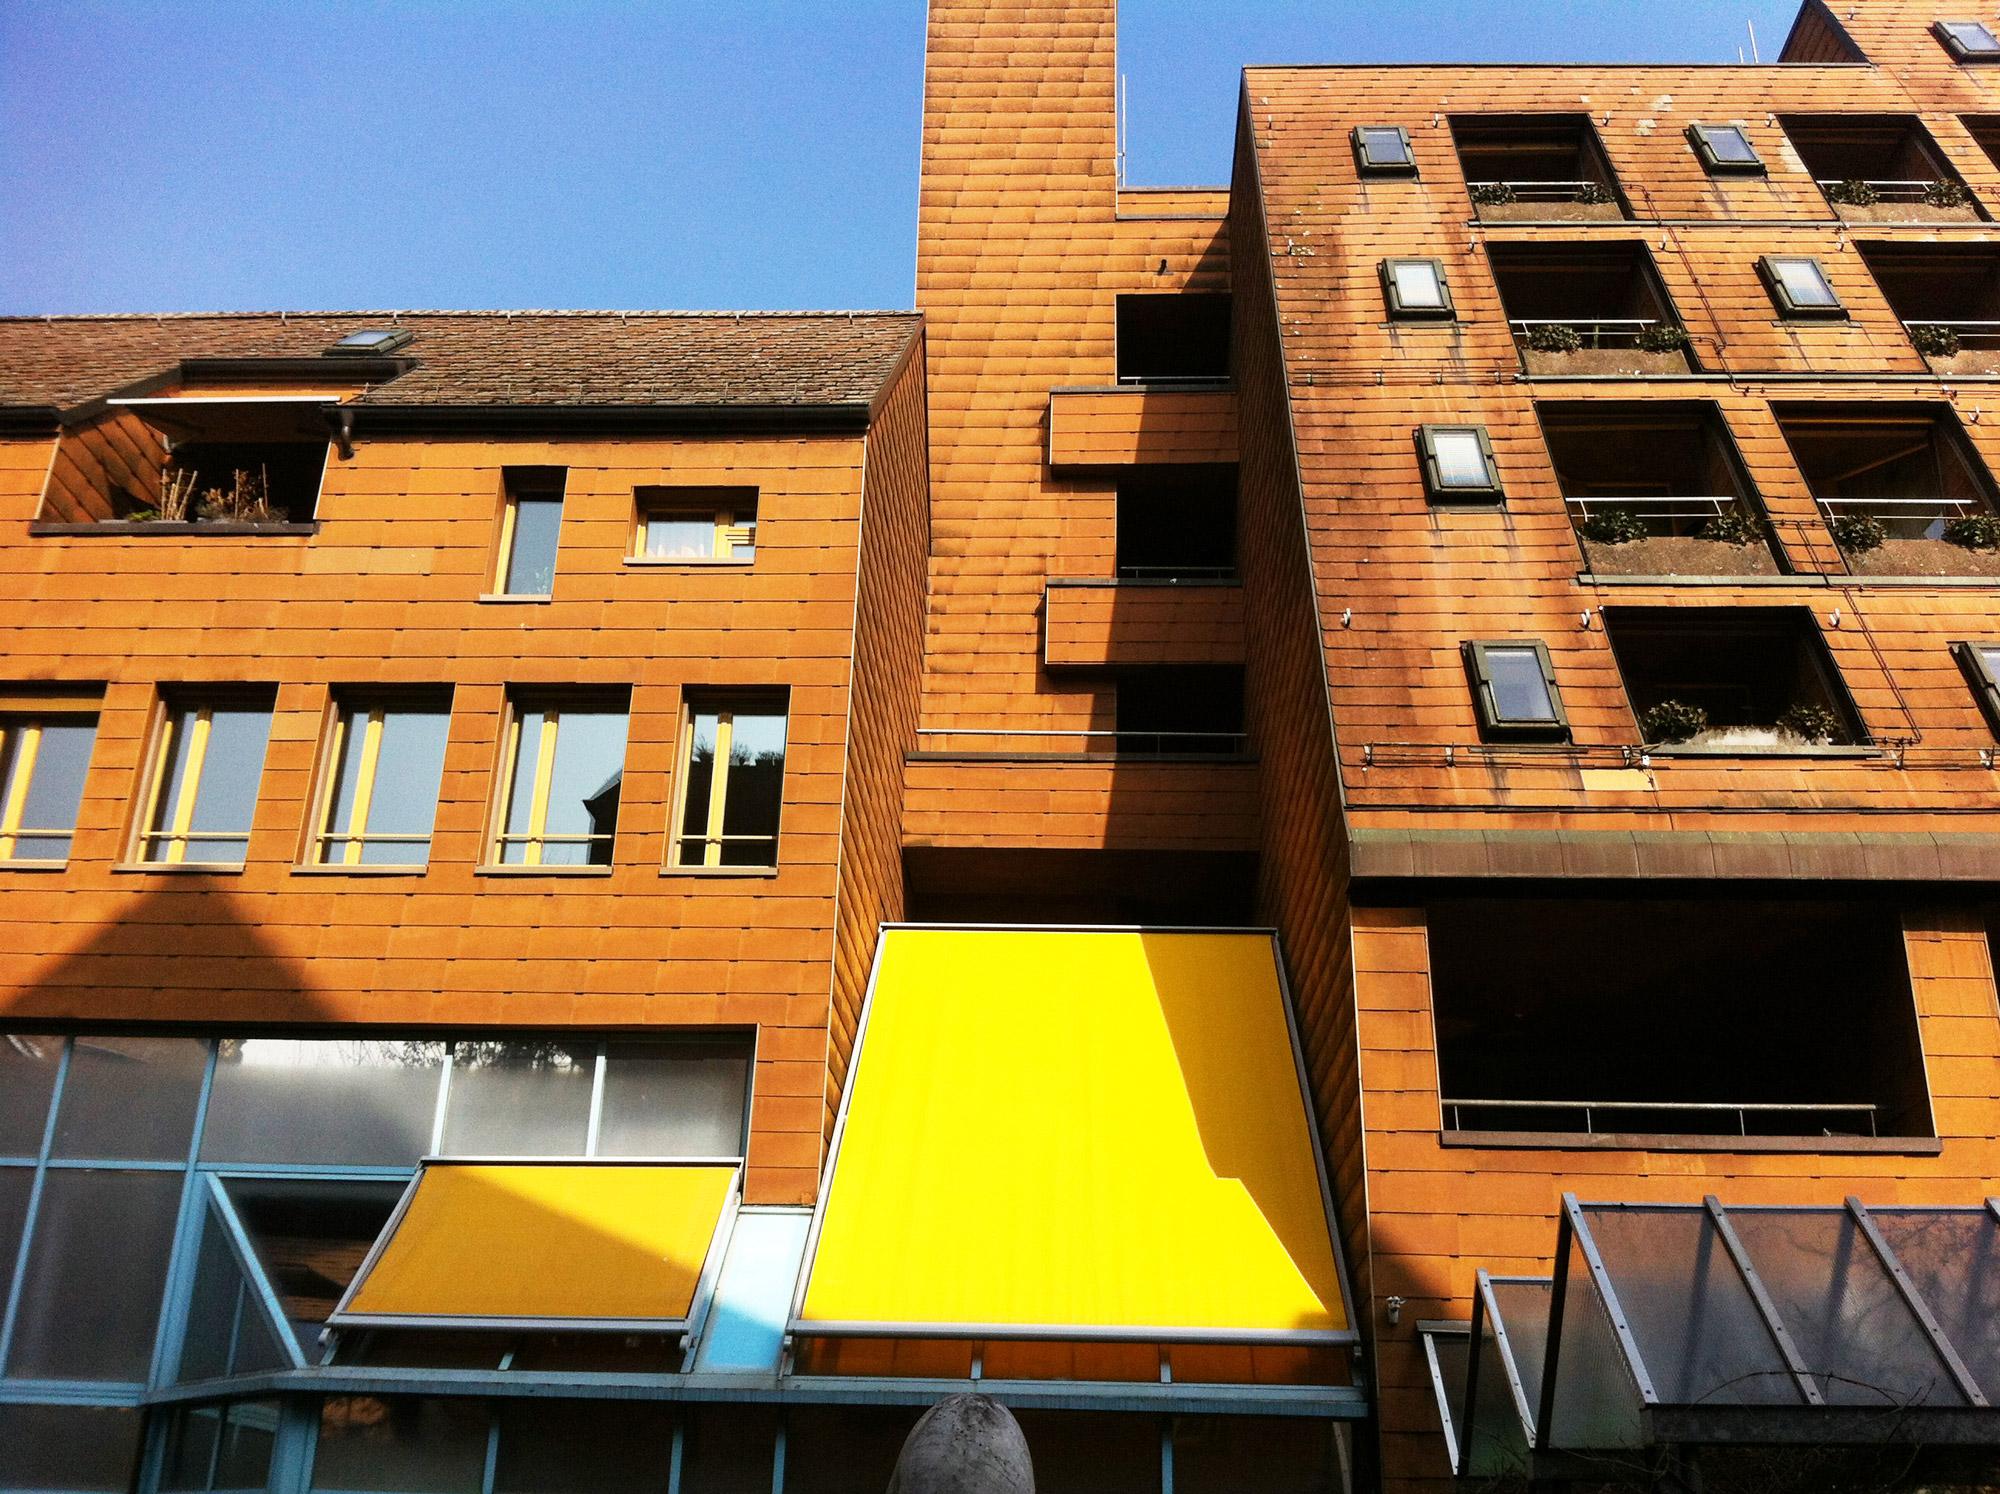 urbanbacklog-zurich-limmat2-3.jpg